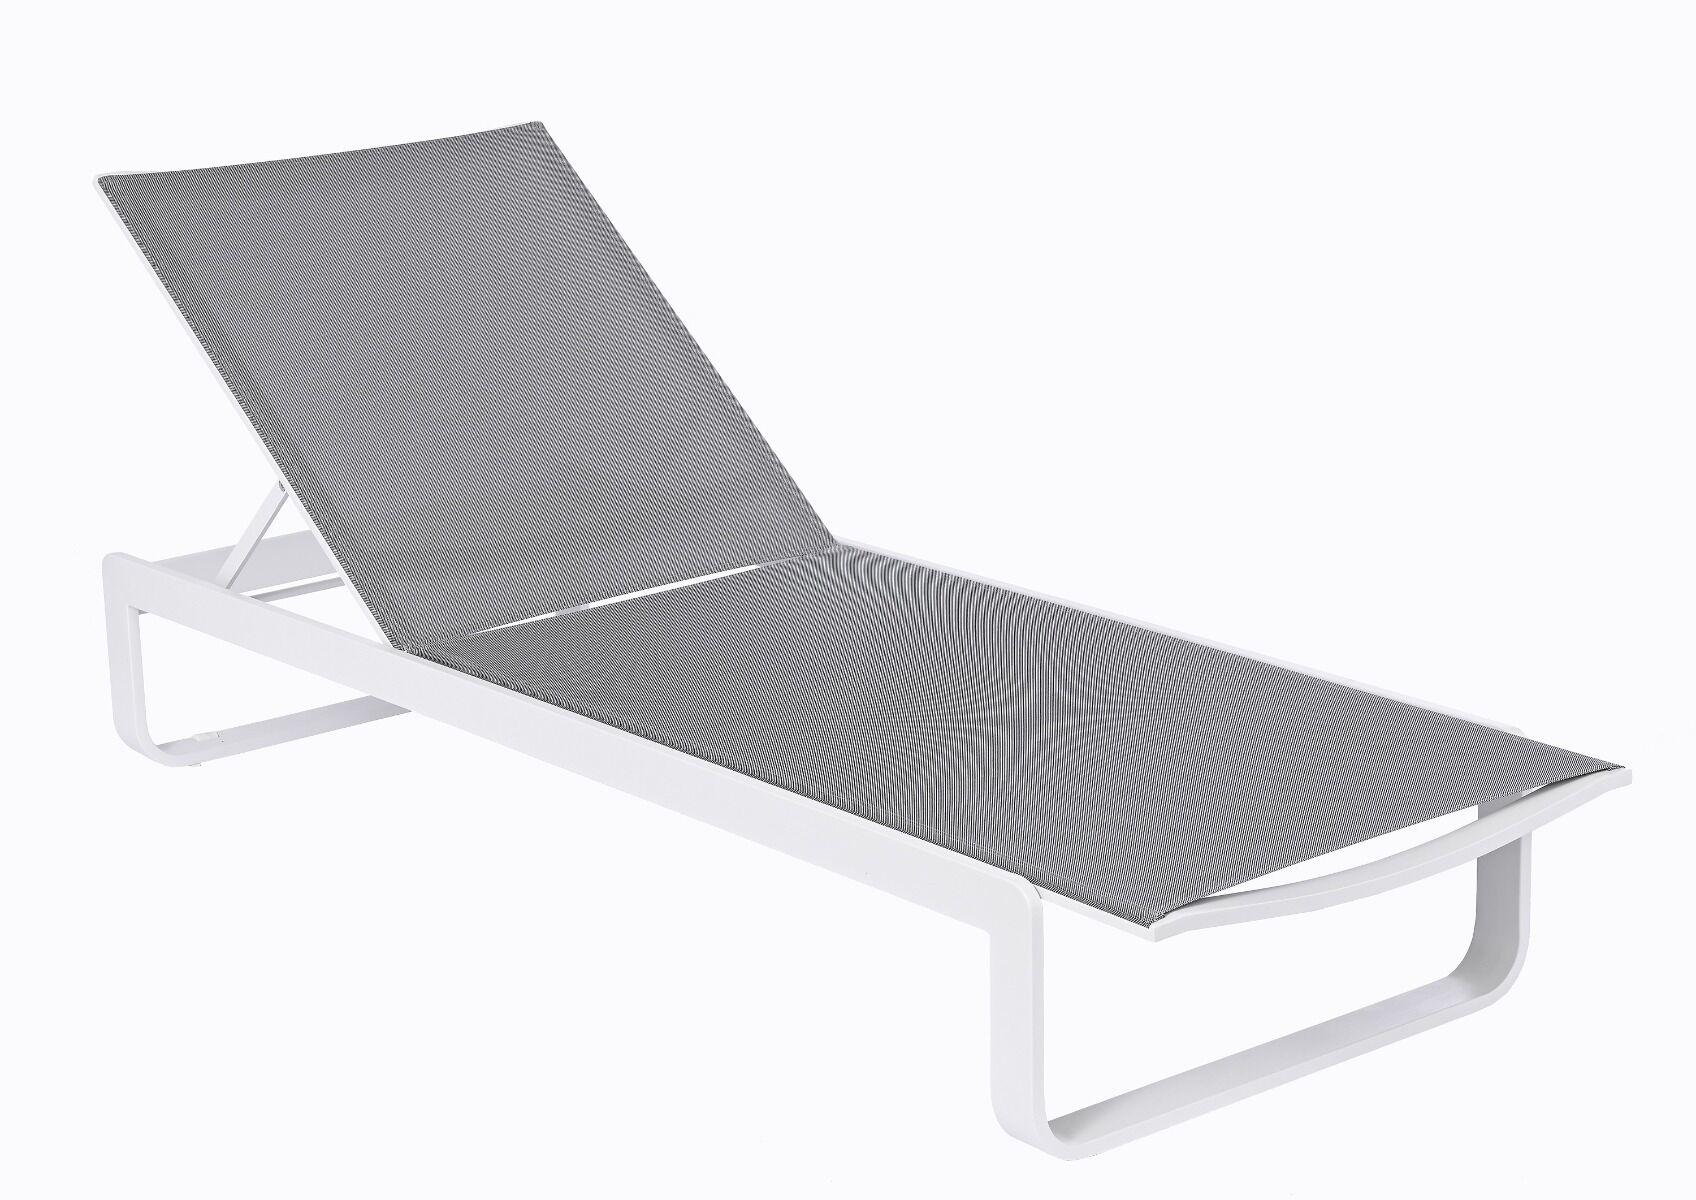 Leżak Ibiza 199x69x30cm